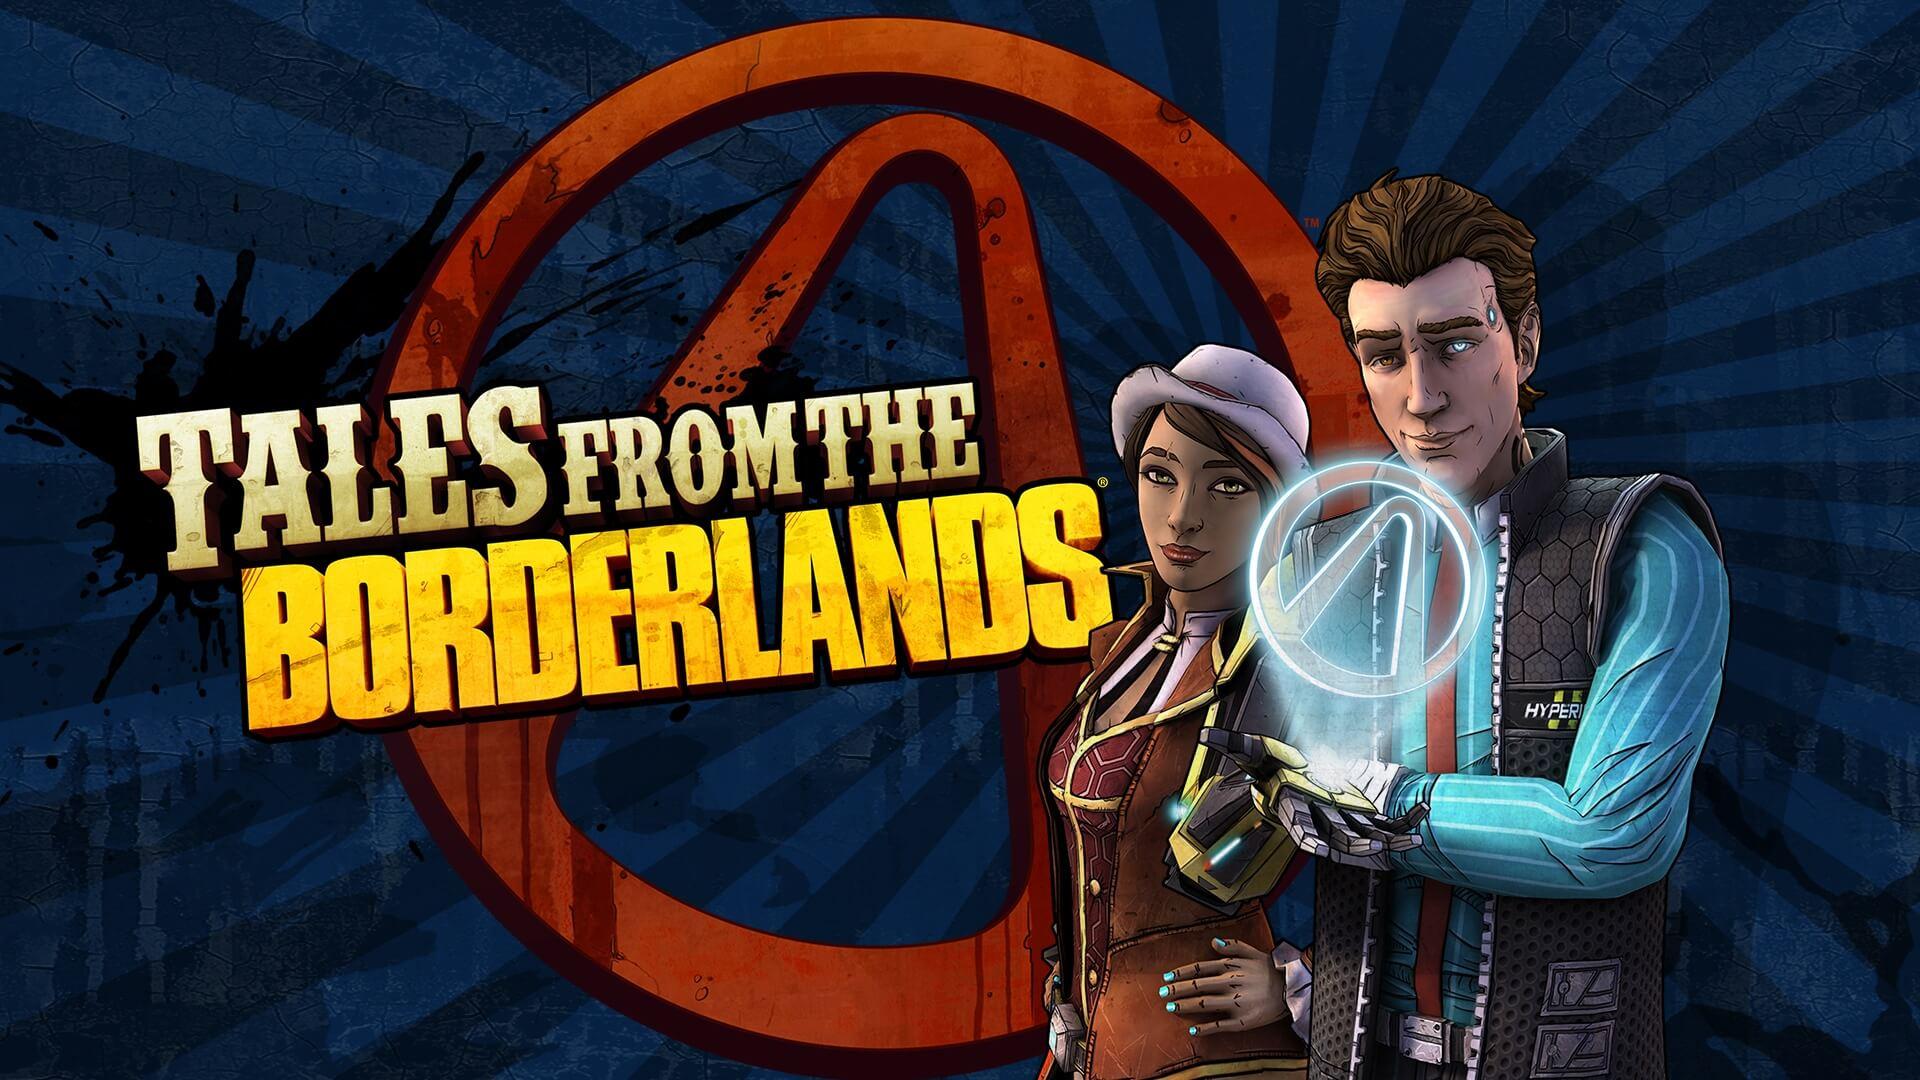 无主之地传说(Tales from the Borderlands)插图5